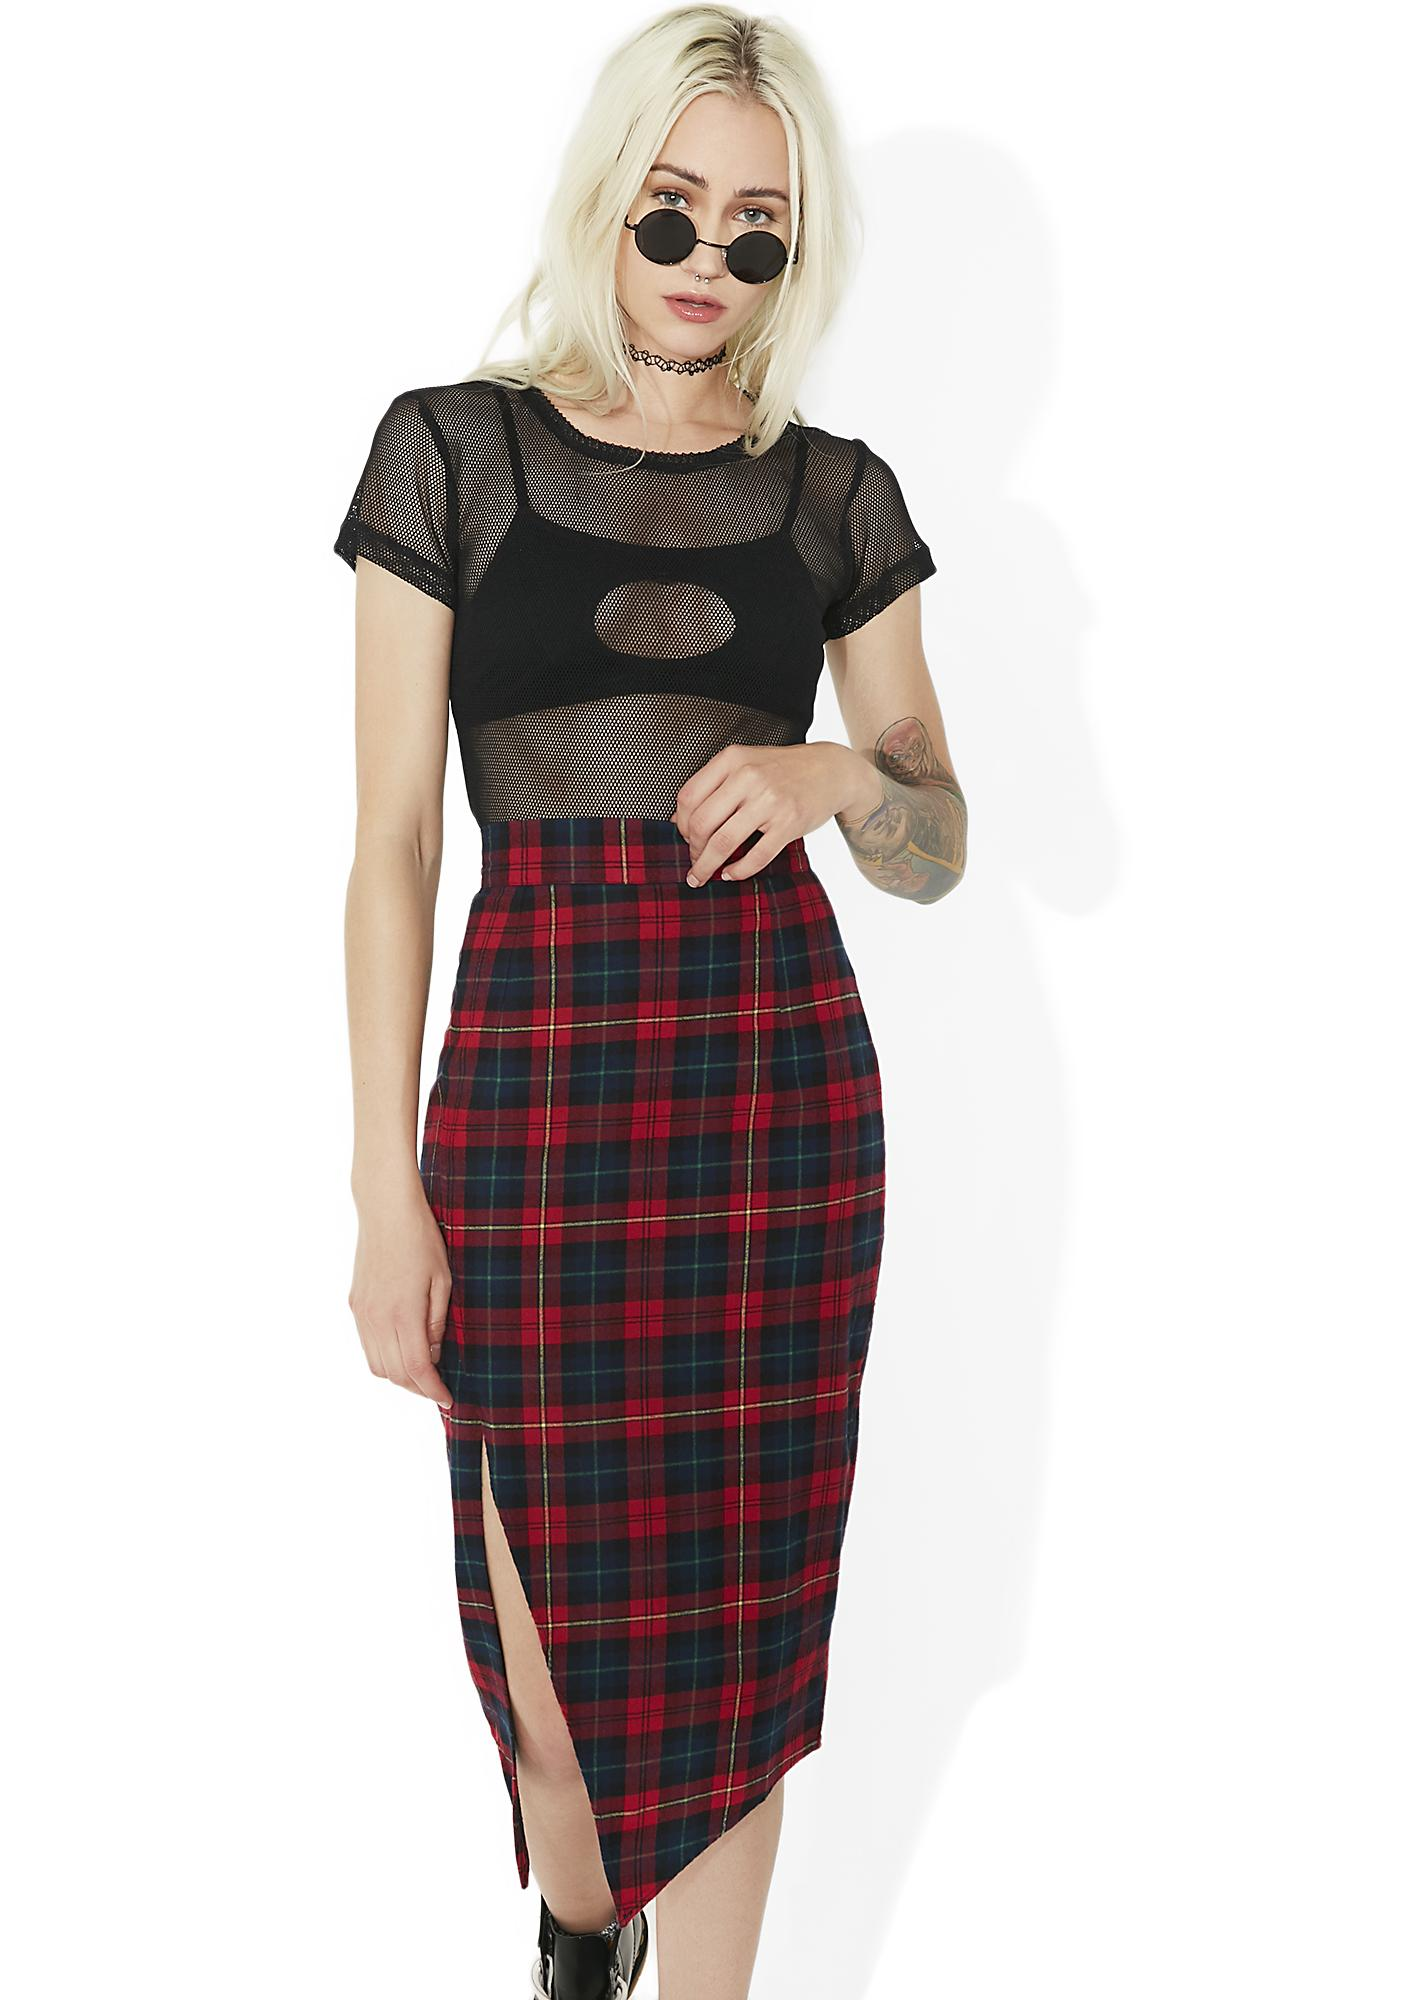 Nana Judy Jett Red Plaid Skirt